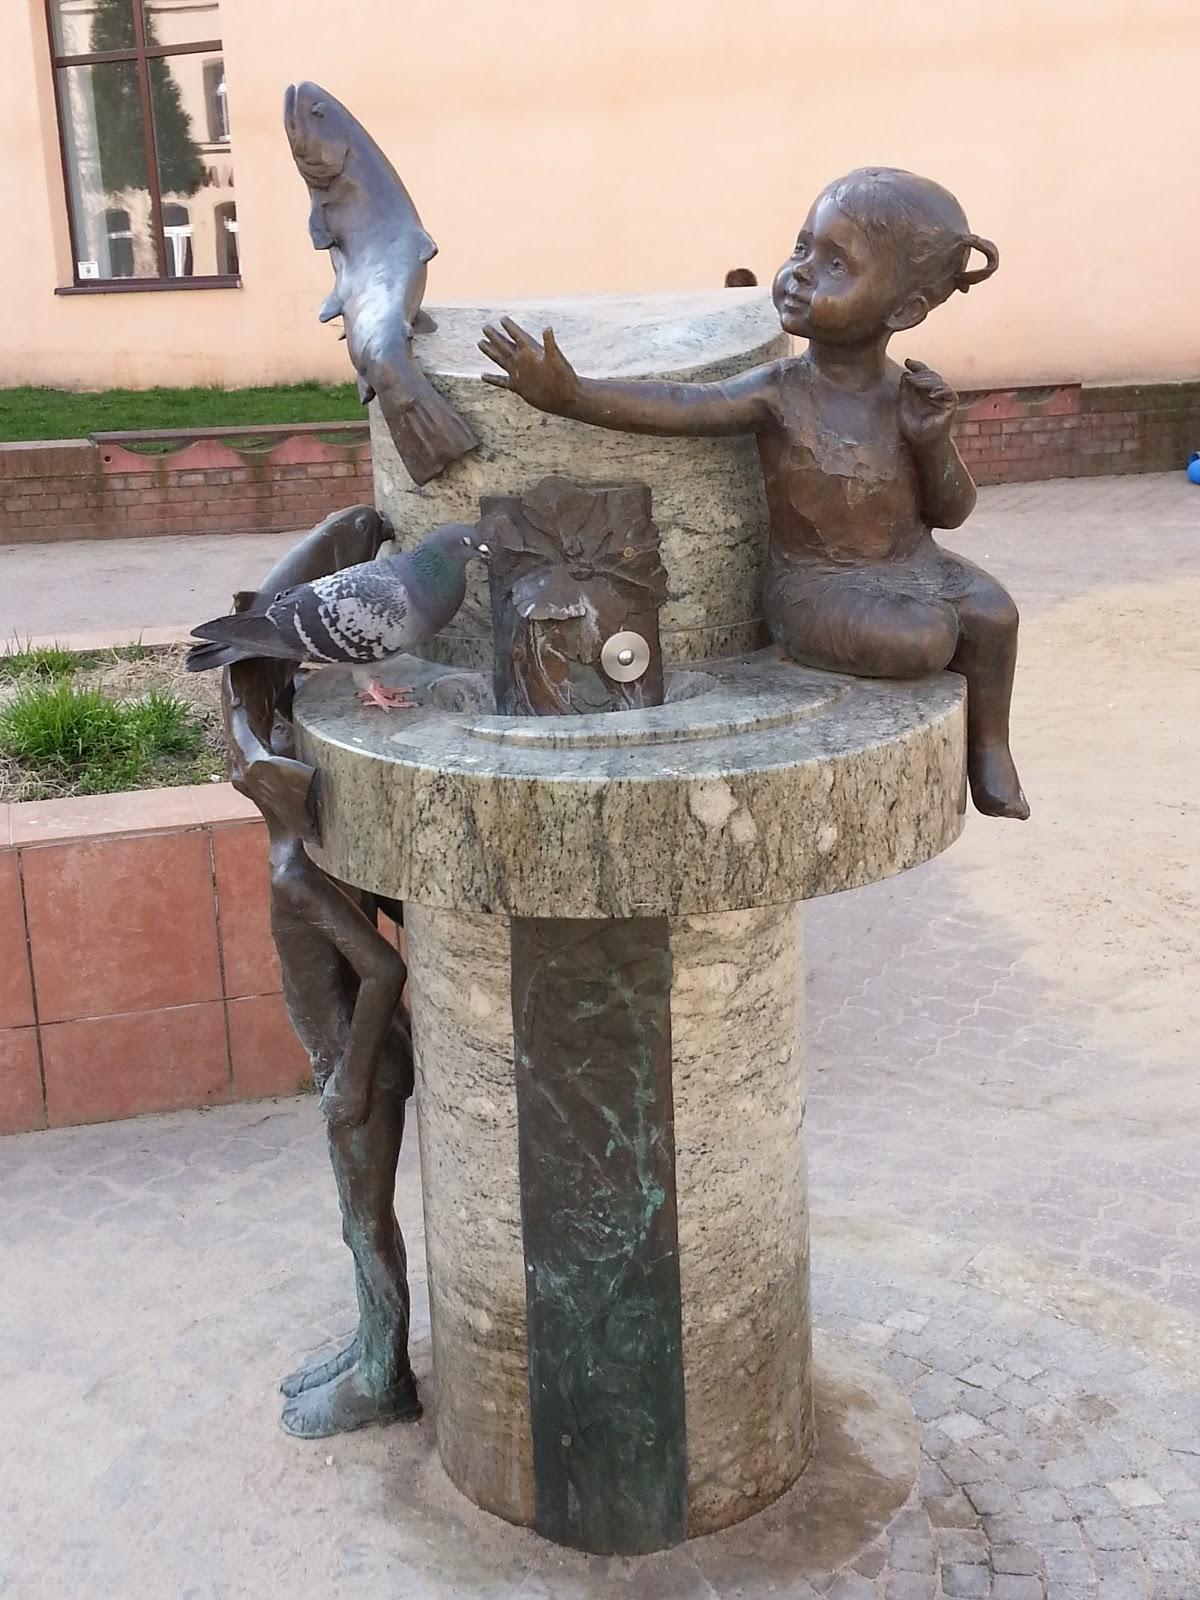 Piotrkowska, Lodz, Poland